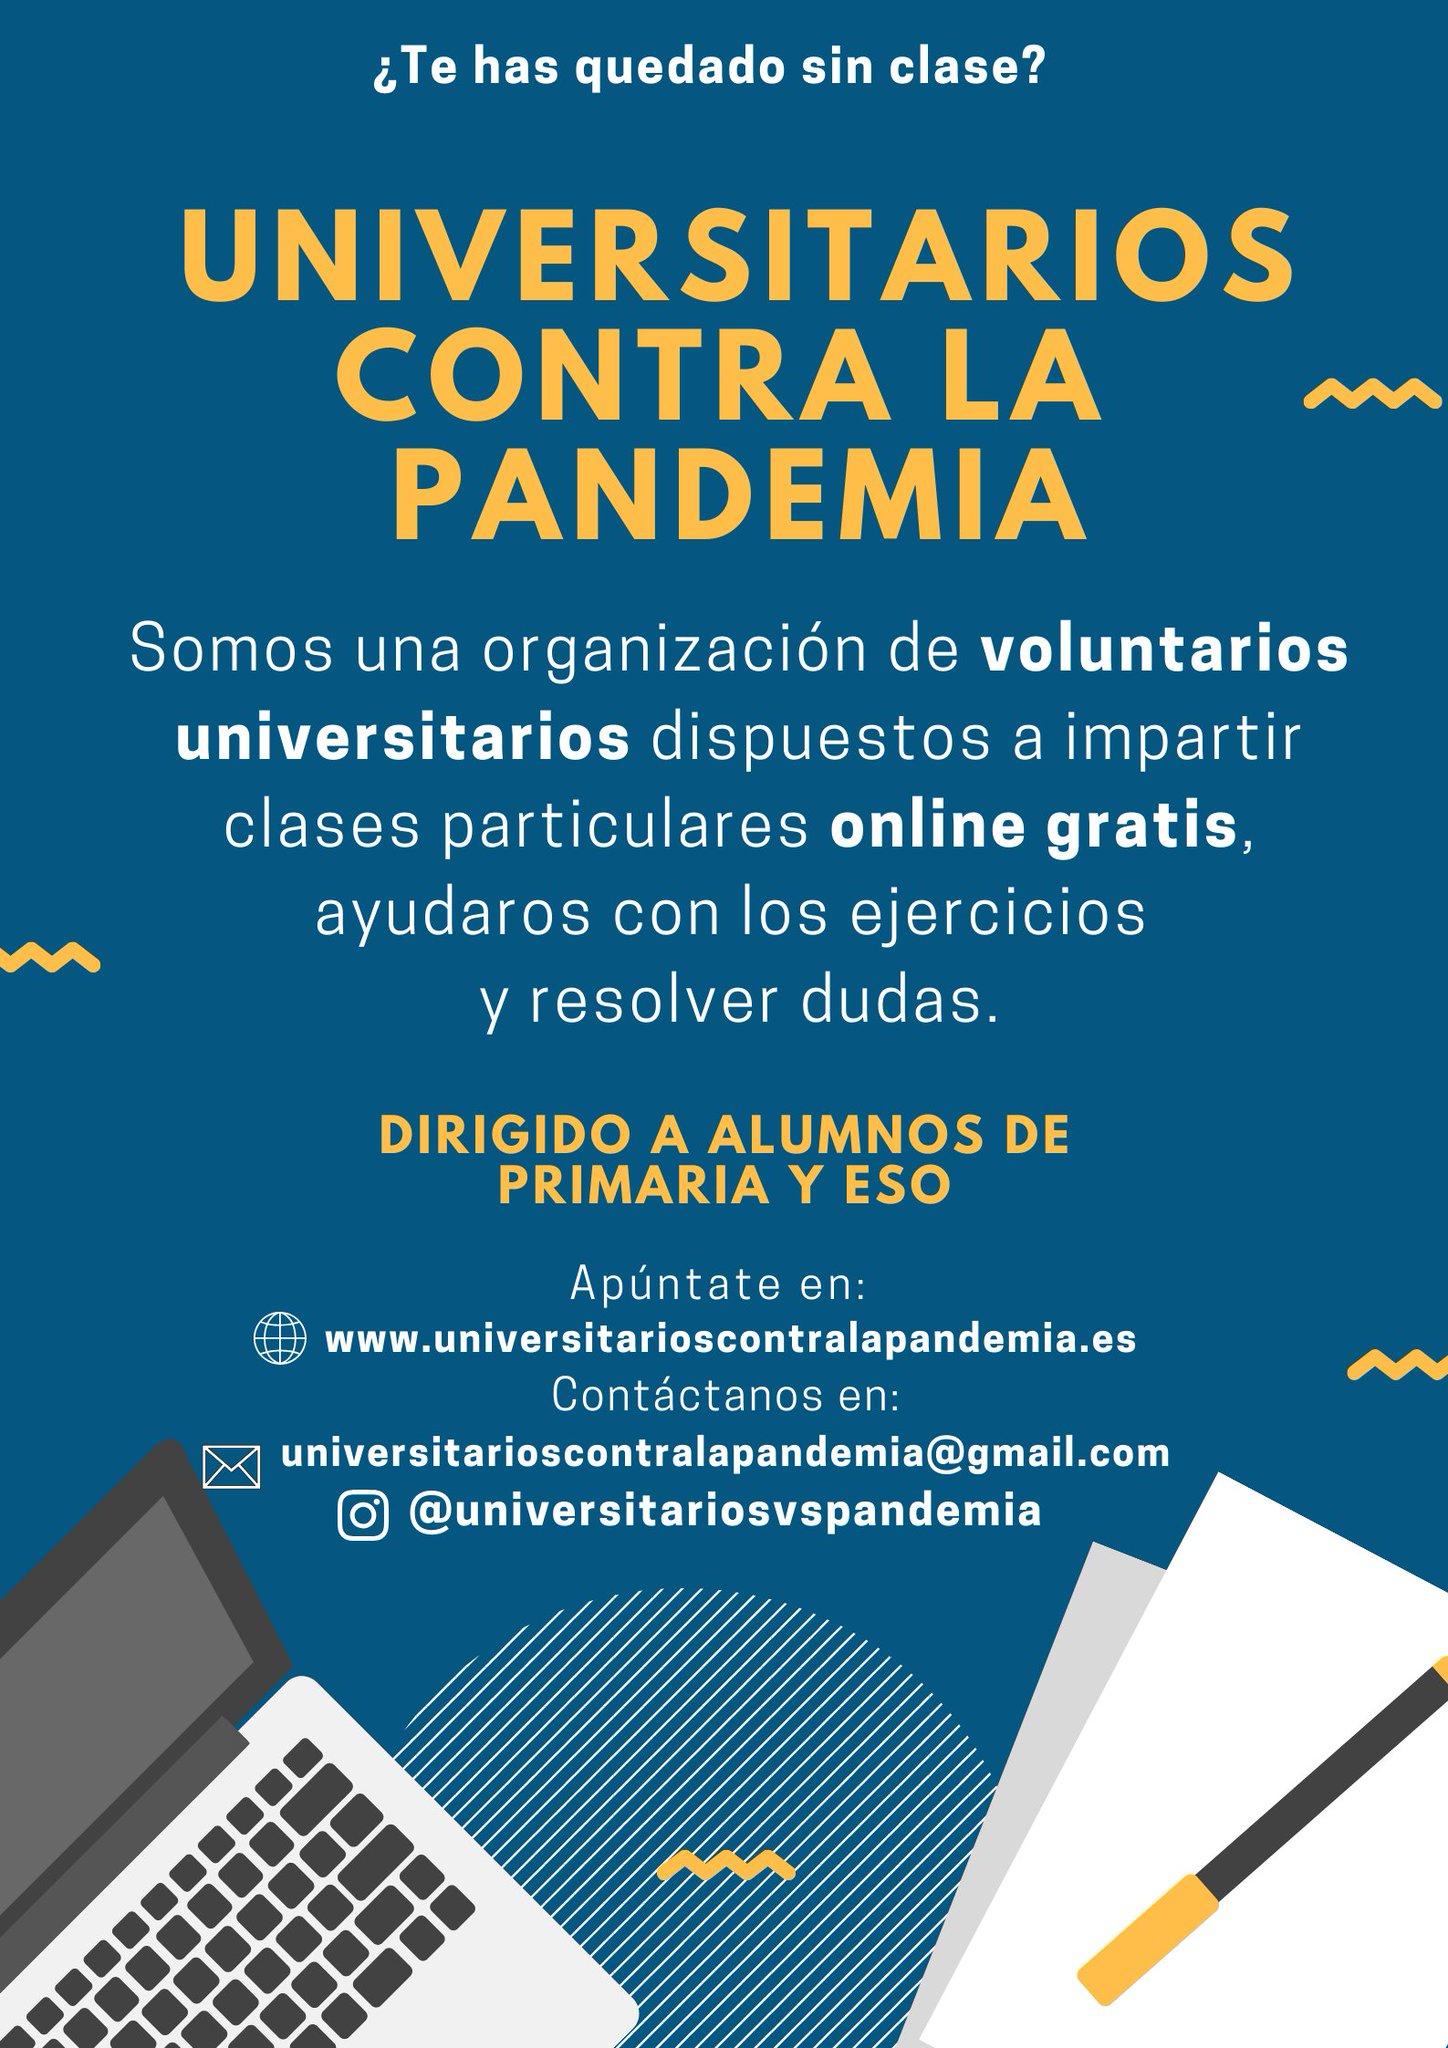 #QuedateEnCasa Universitarios vs Pandemia: clases online GRATIS para Primaria y ESO por universitarios